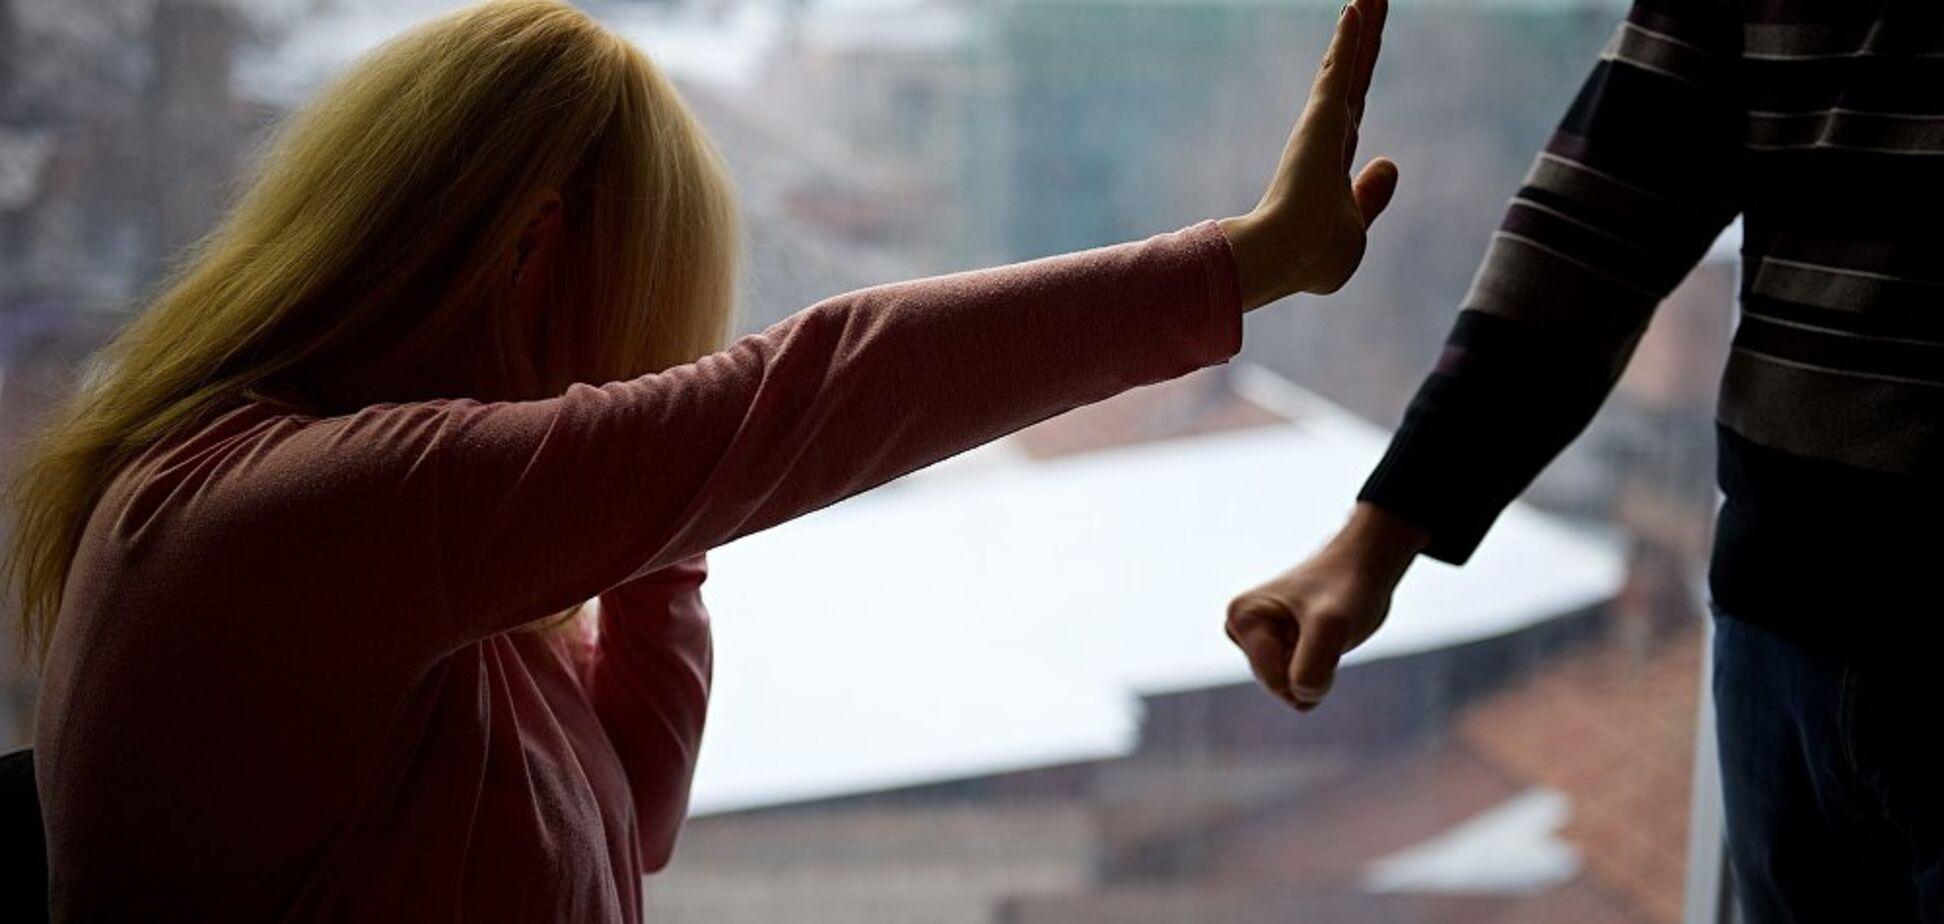 'Не бей мою маму': первый шаг по предотвращению домашнего насилия сделан!